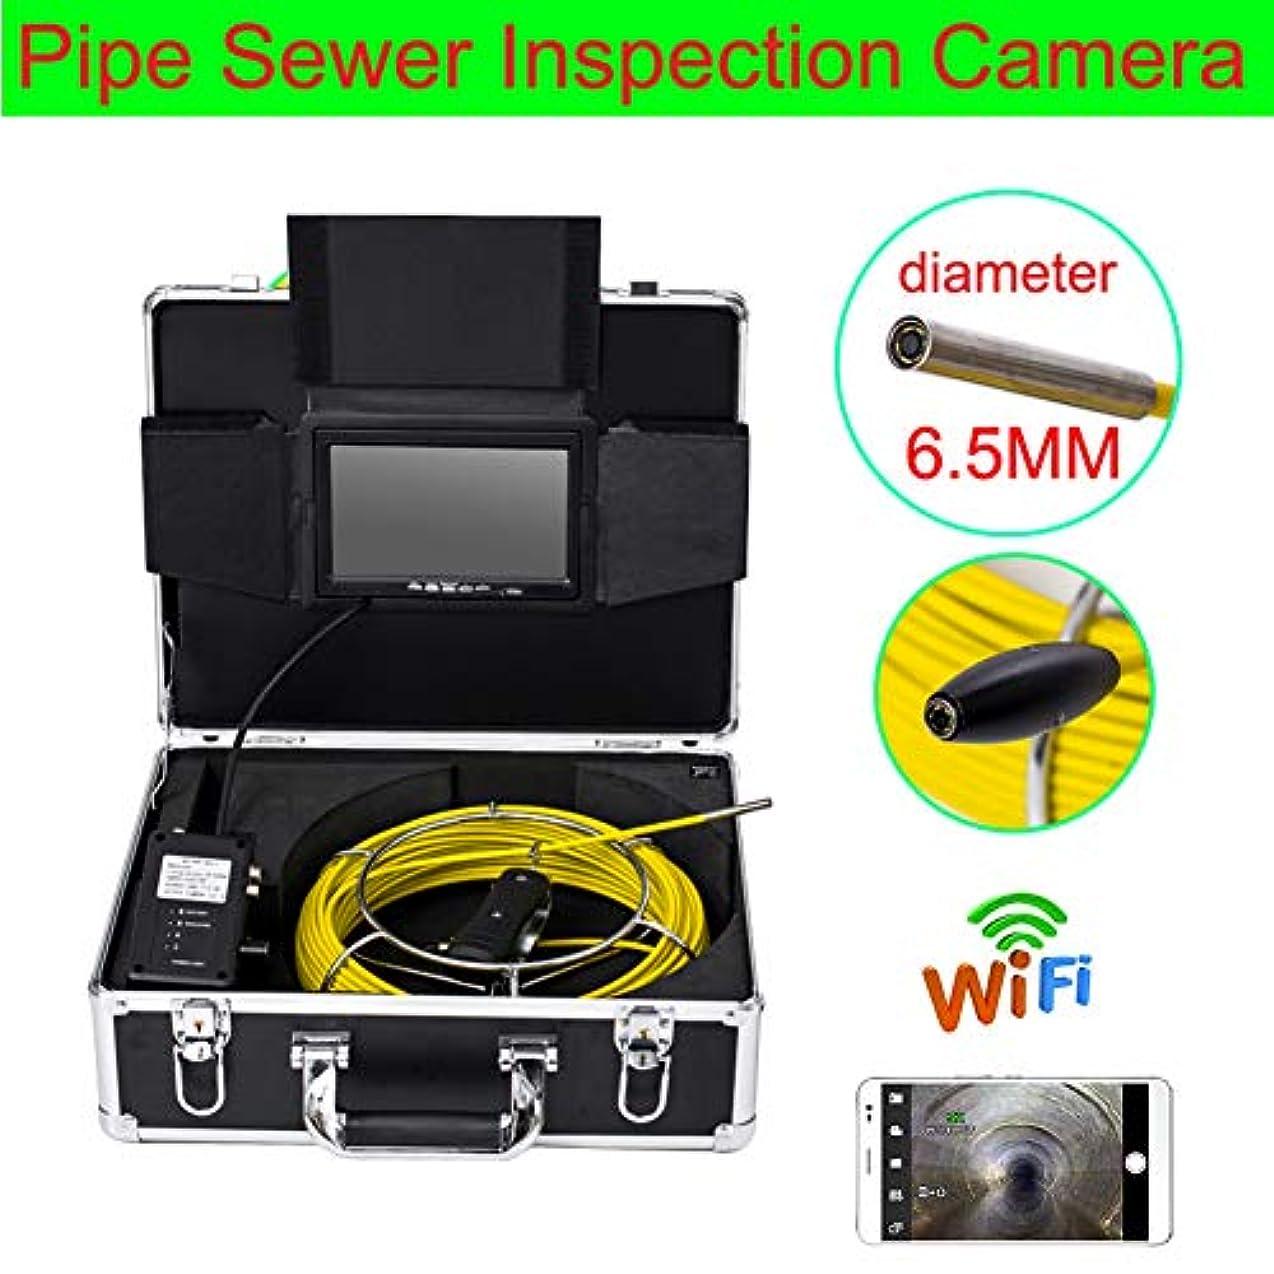 バックアップ制約忘れっぽい7インチWIFI 6.5 MM工業用パイプライン下水道検知カメラIP68防水排水検知1000 TVLカメラ(30M)